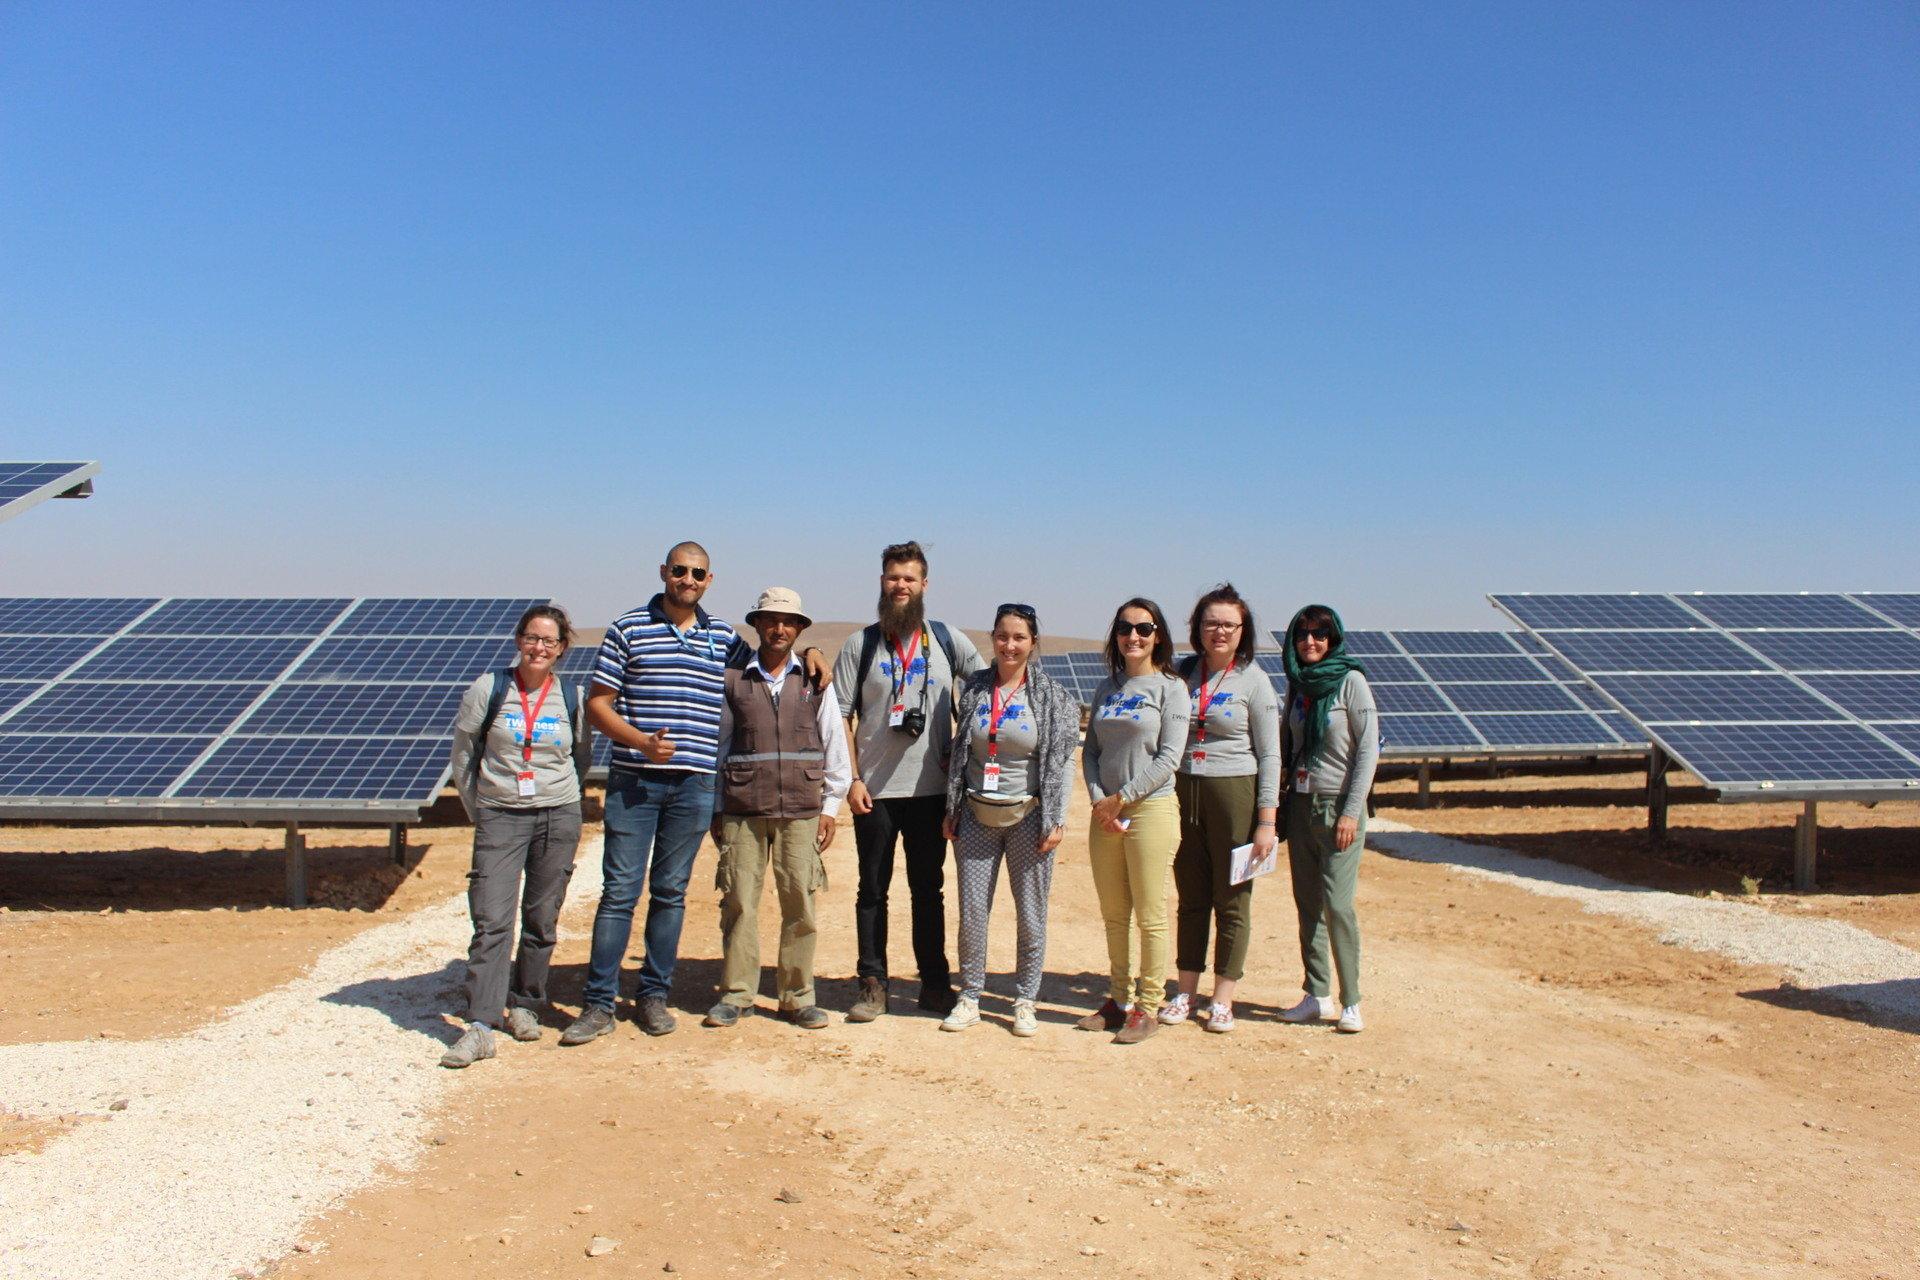 Pracownicy IKEA z Polski opisują swoją podróż do Jordanii - życie w obozach dla uchodźców